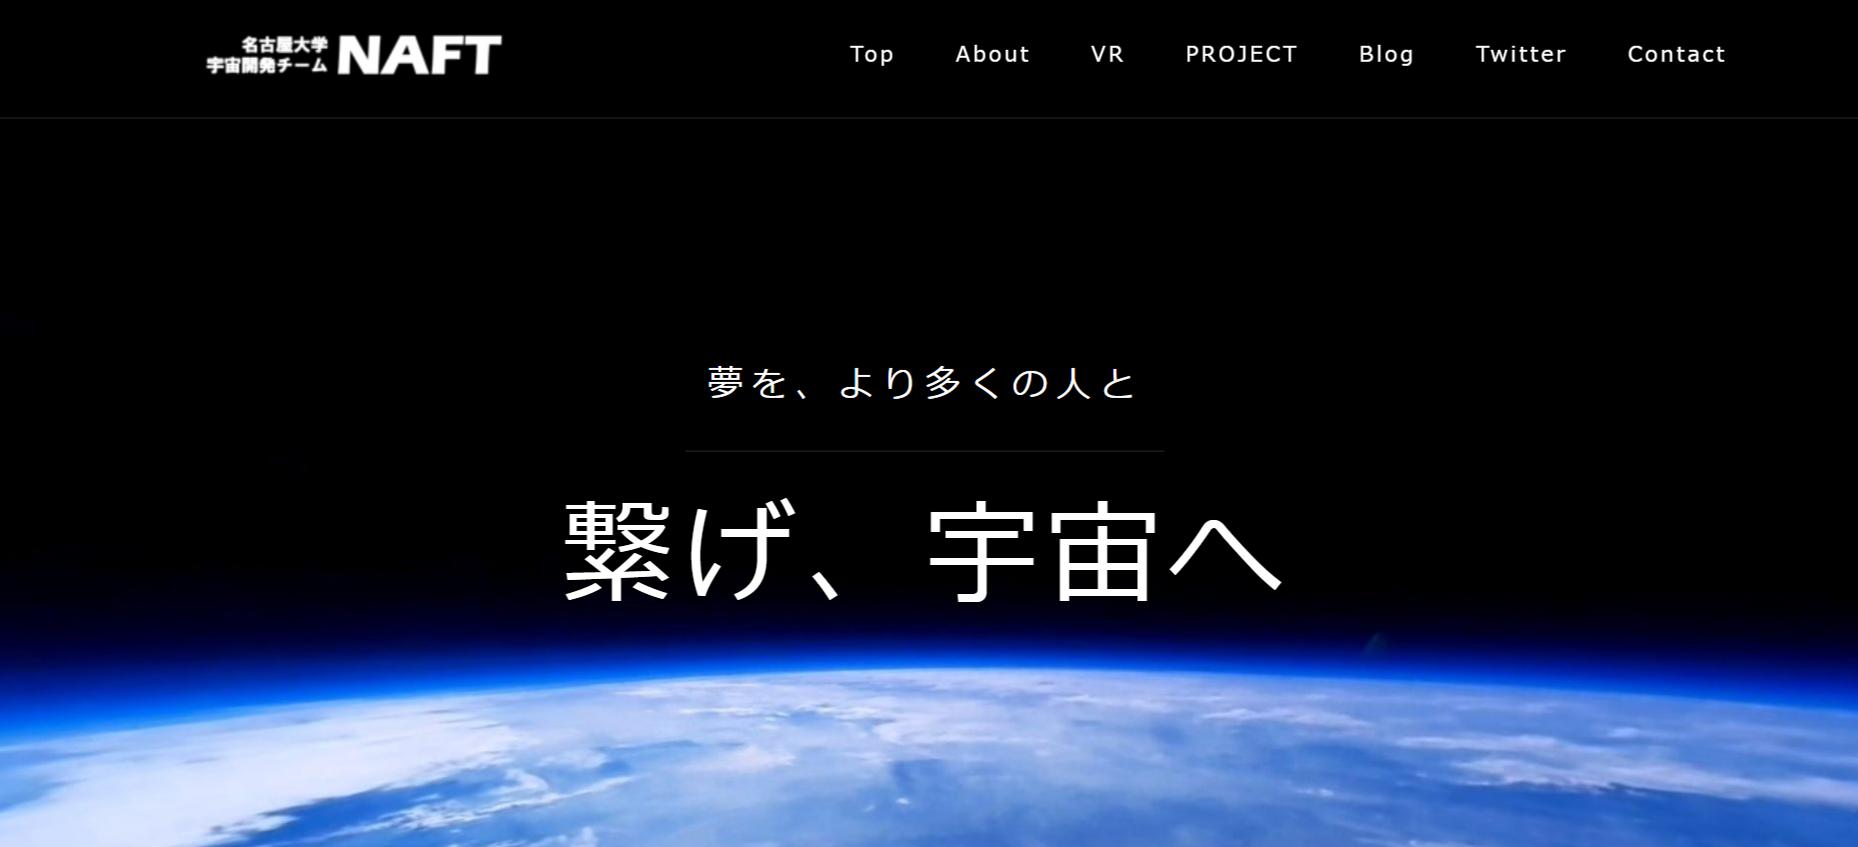 阿蘓さんたちが立ち上げた名古屋大学の宇宙開発チーム